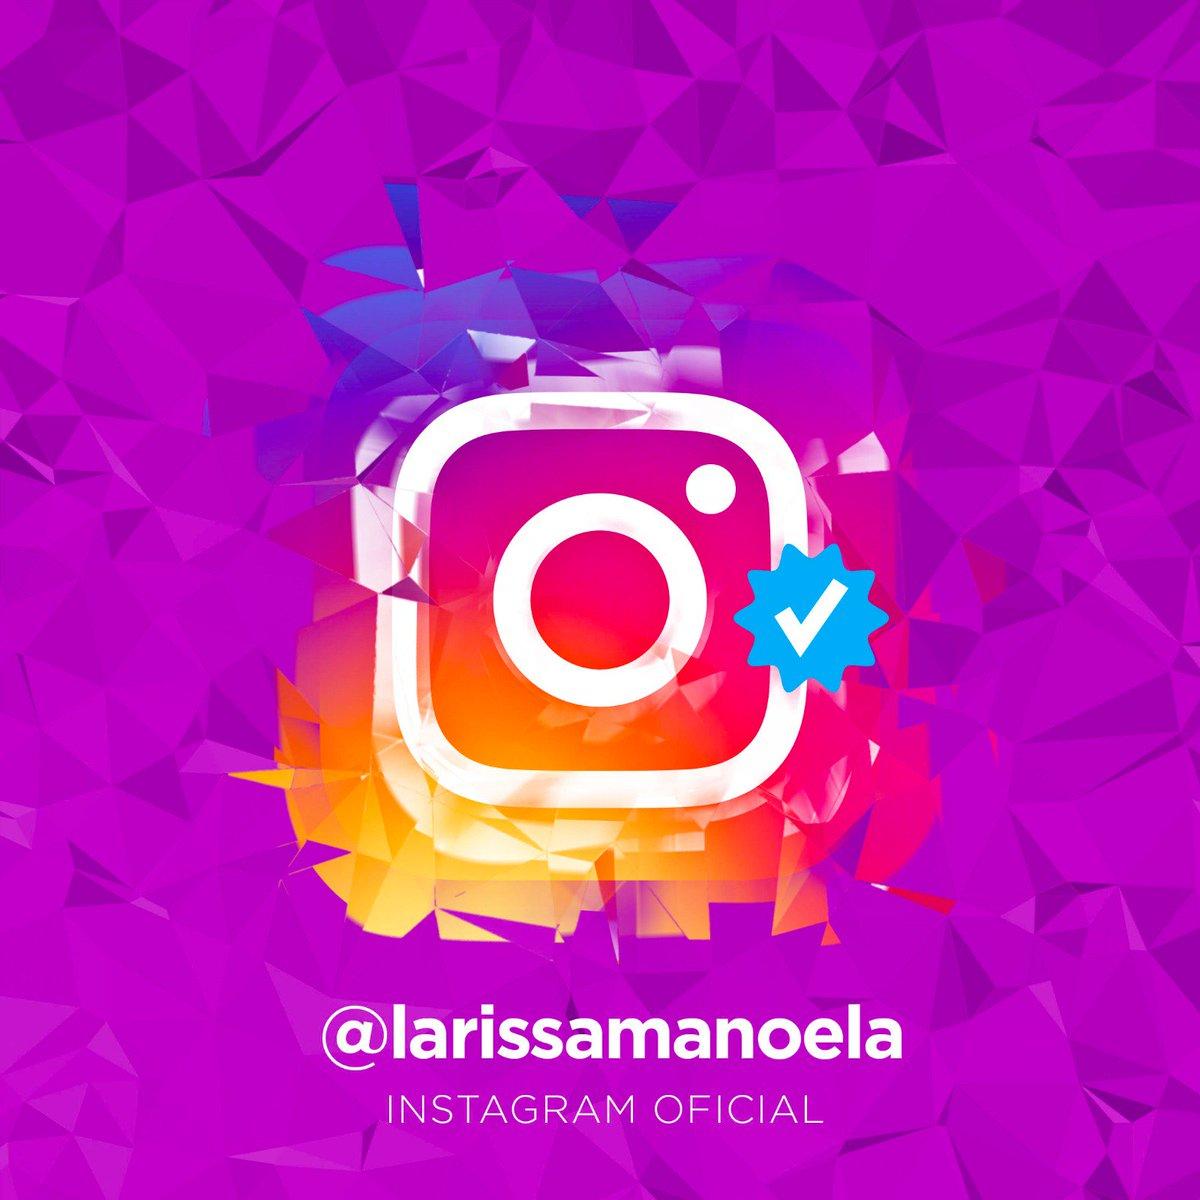 LARISSA MANOELA on Twitter